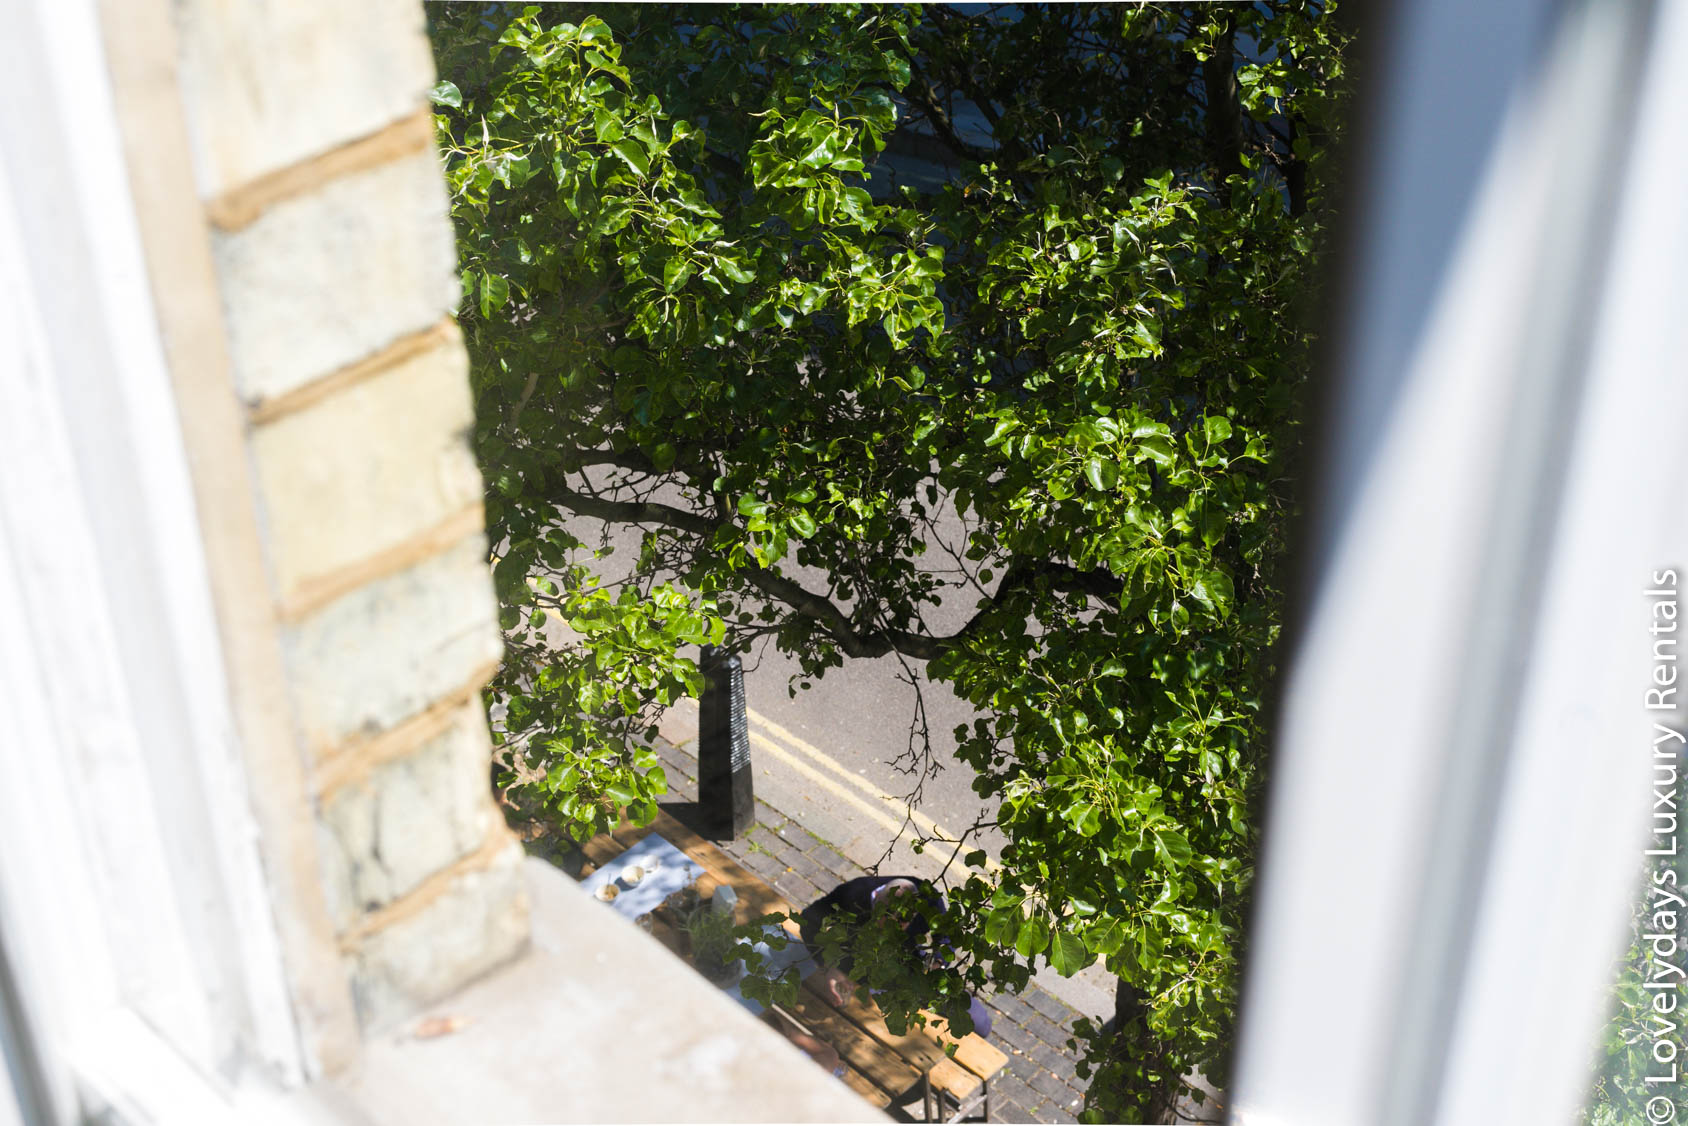 Lovelydays luxury service apartment rental - London - Fitzrovia - Foley Street - Lovelysuite - 2 bedrooms - 2 bathrooms - Exterior - Exterior - 88f1e9c32975 - Lovelydays